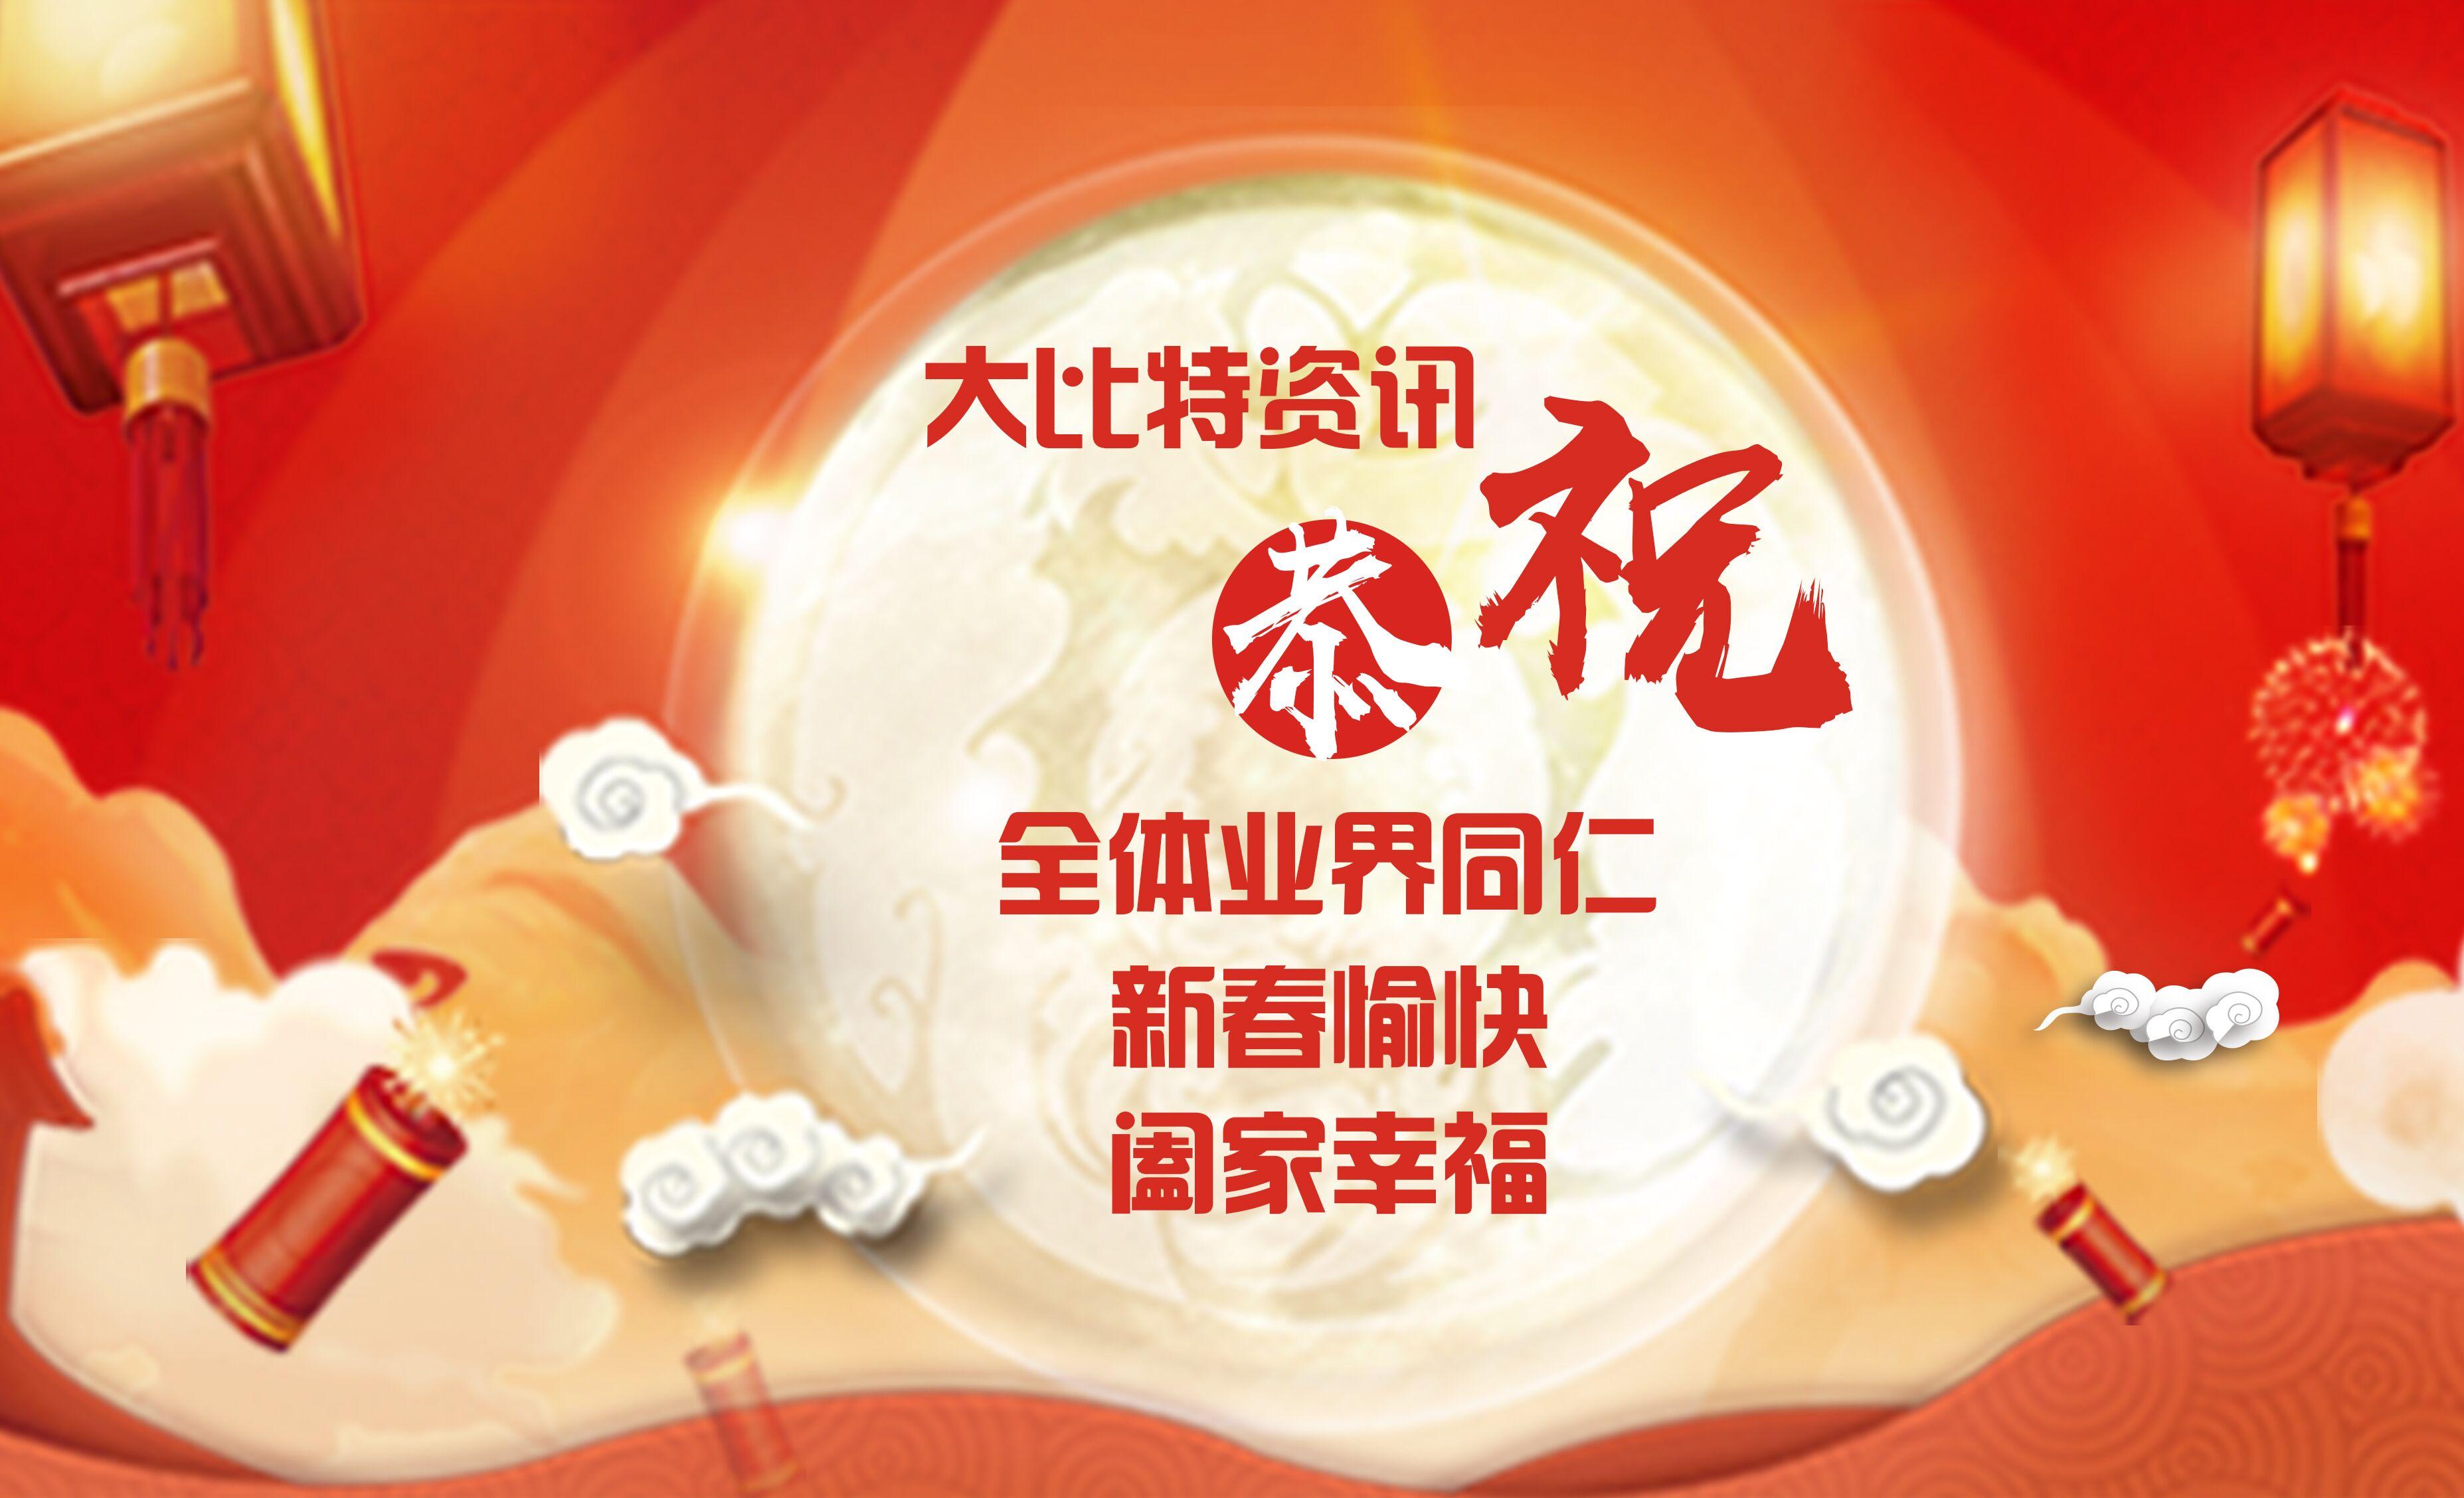 大比特资讯恭贺您新春佳节快乐